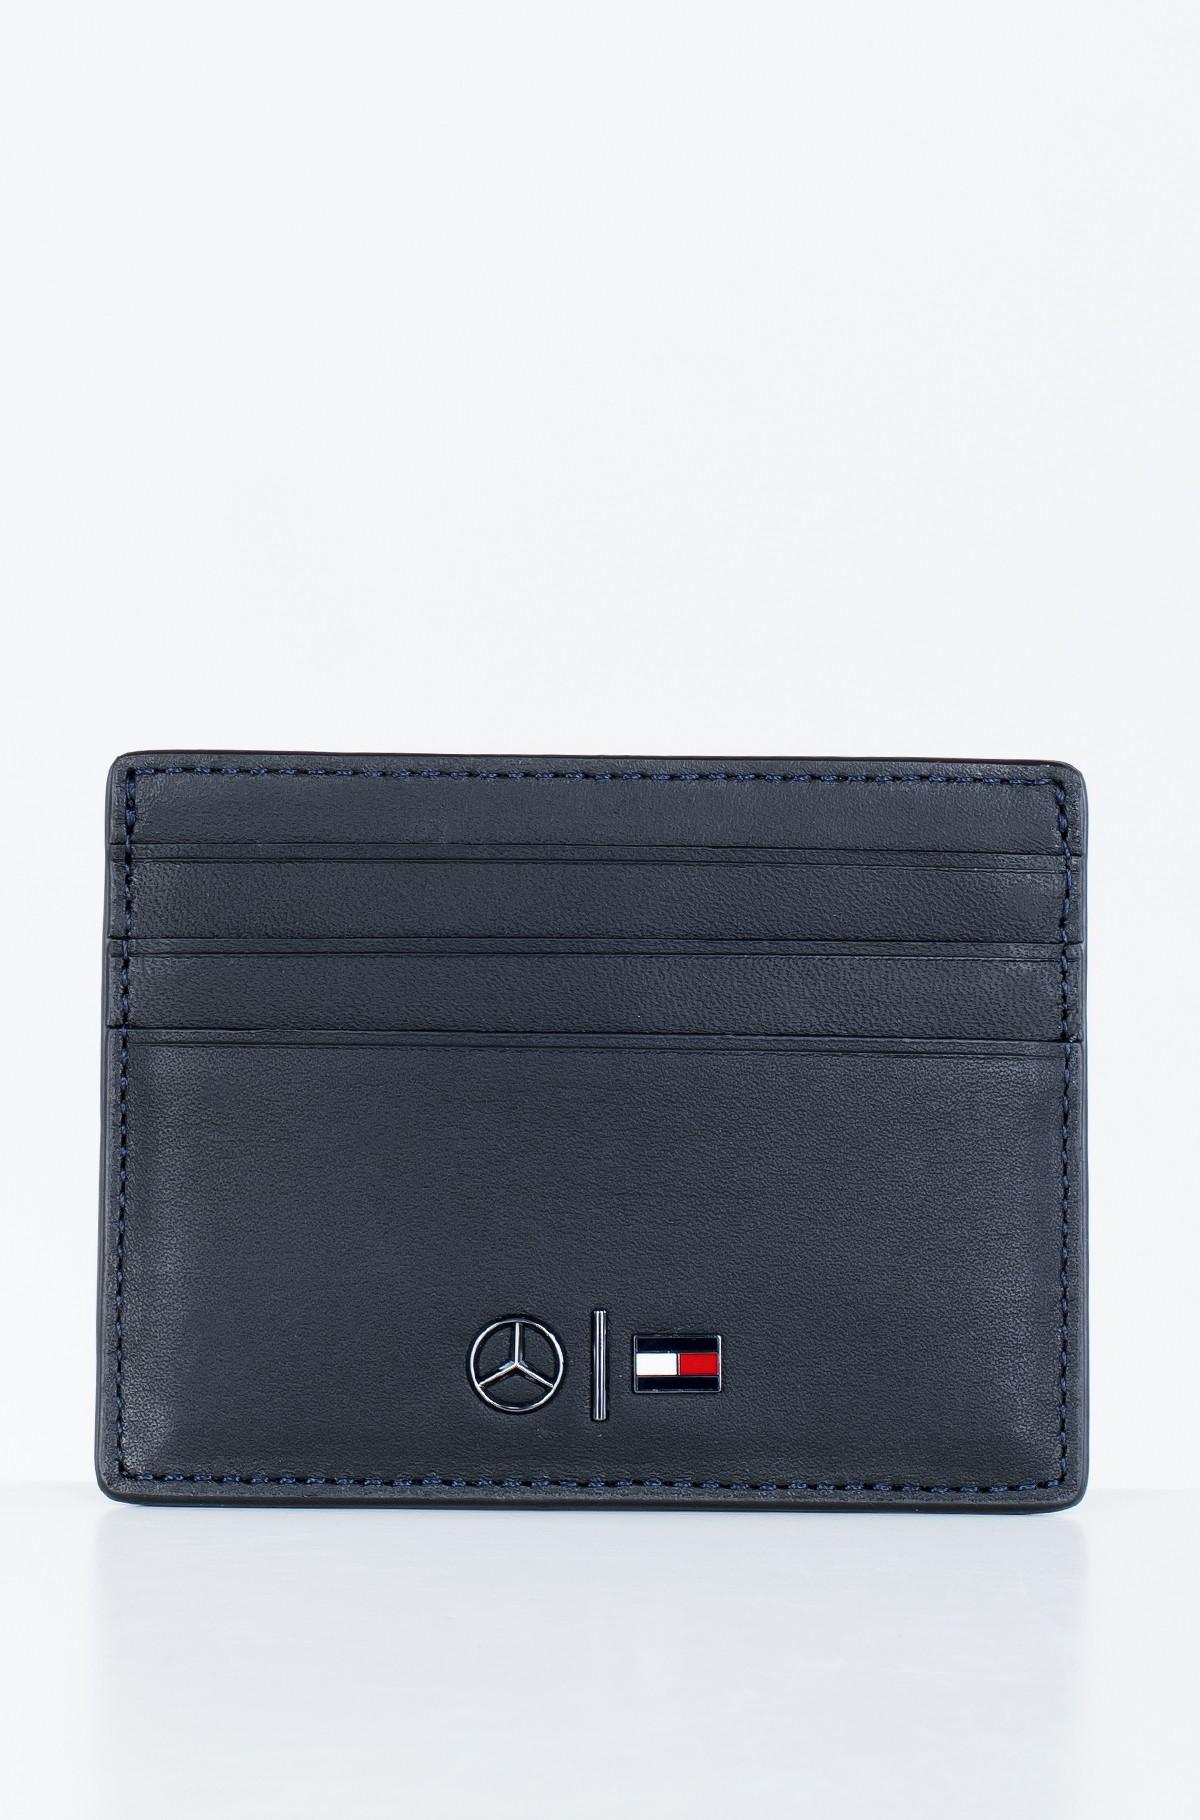 Kaarditasku 2MB CC HOLDER-full-1